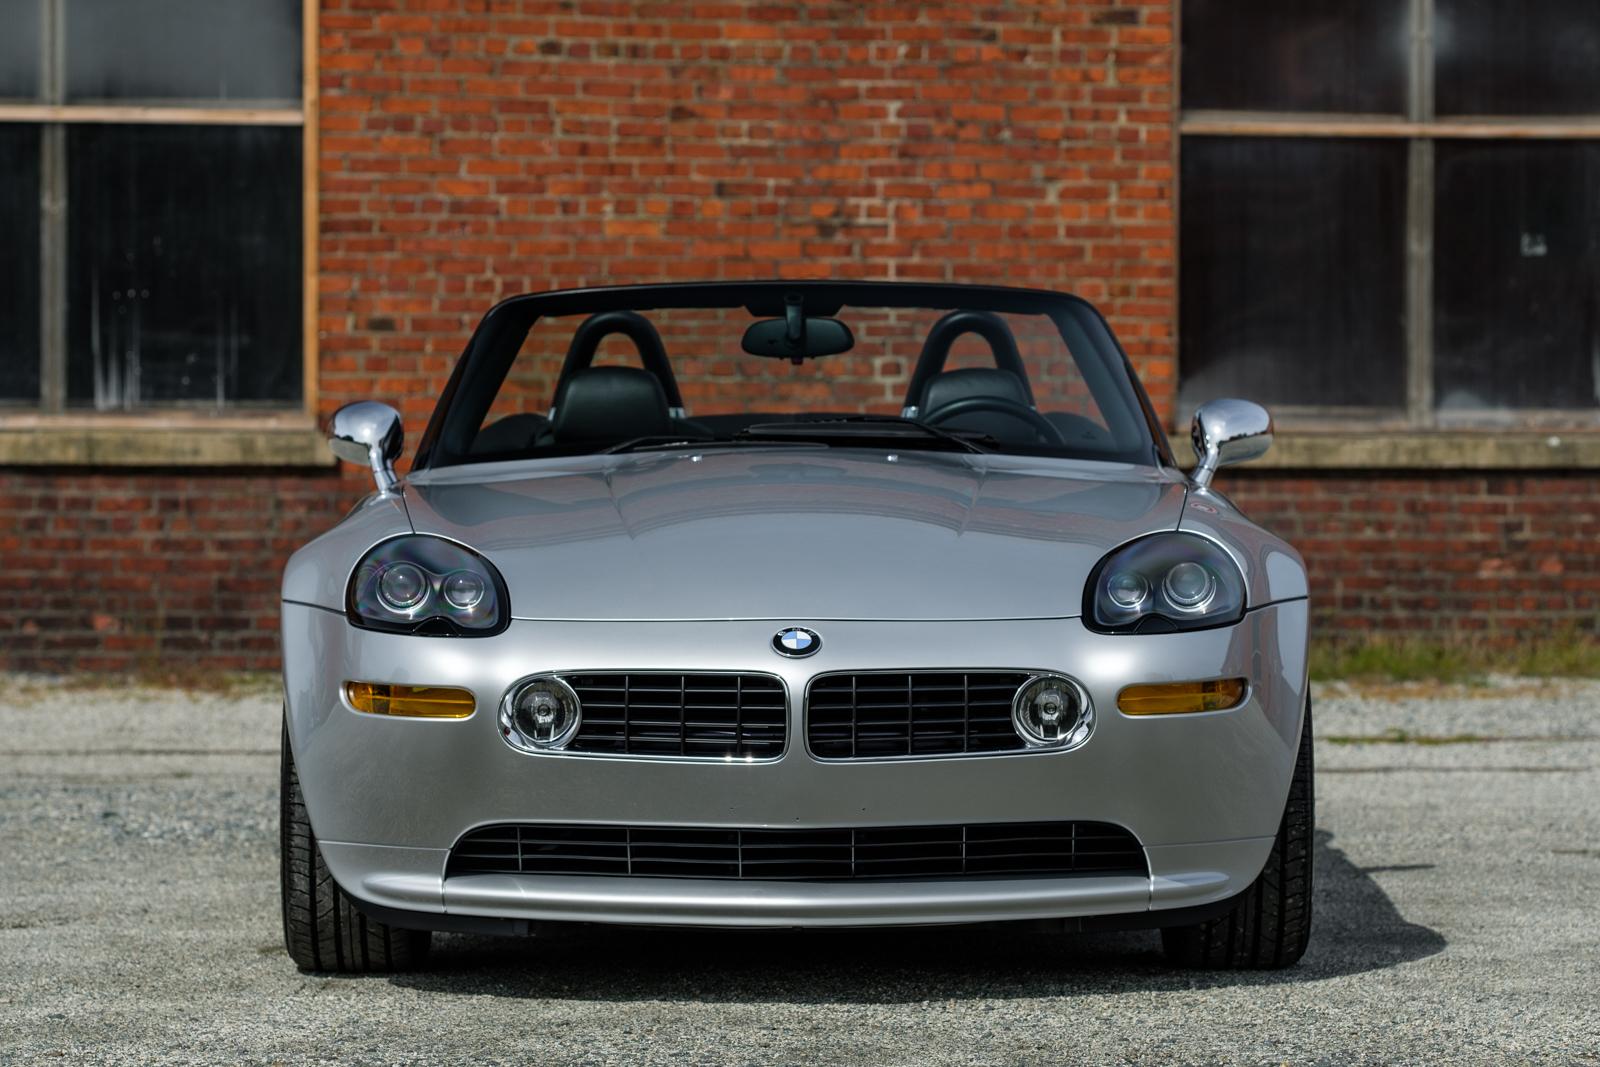 2001 Bmw Z8 101 Silver Arrow Cars Ltd